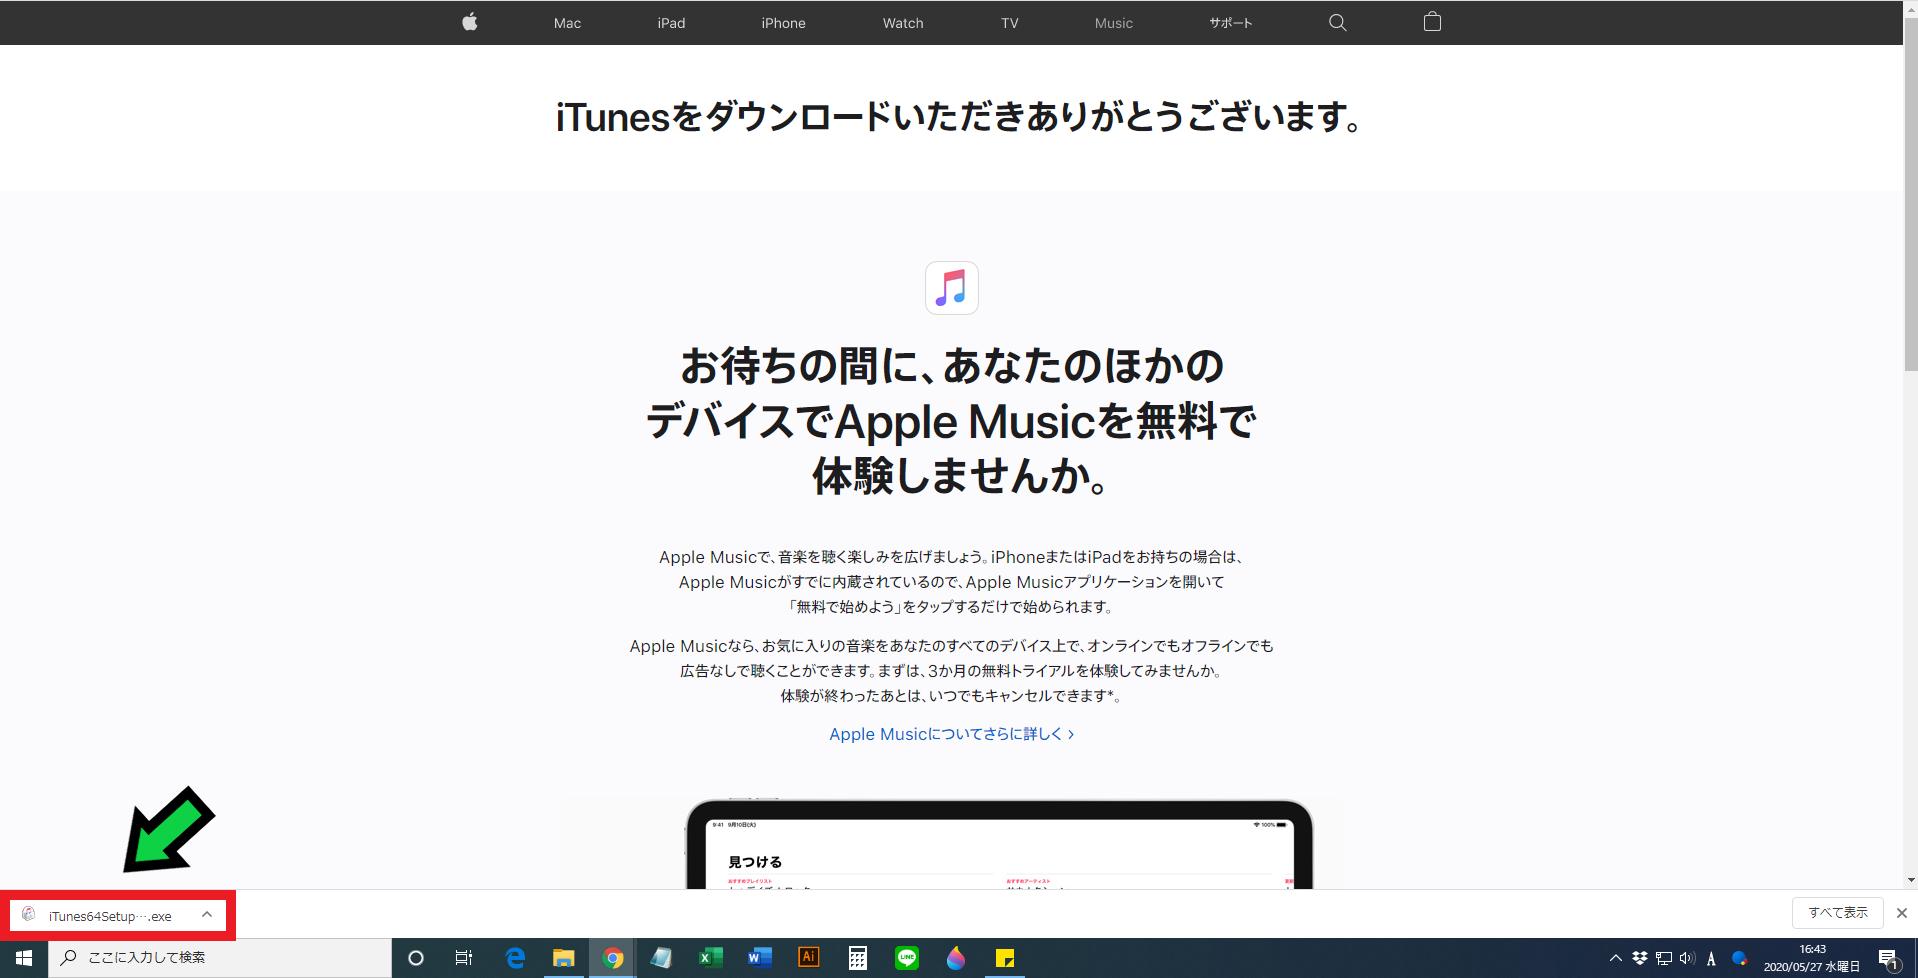 ItunesをMicrosoftアカウント無しでインストールする手順